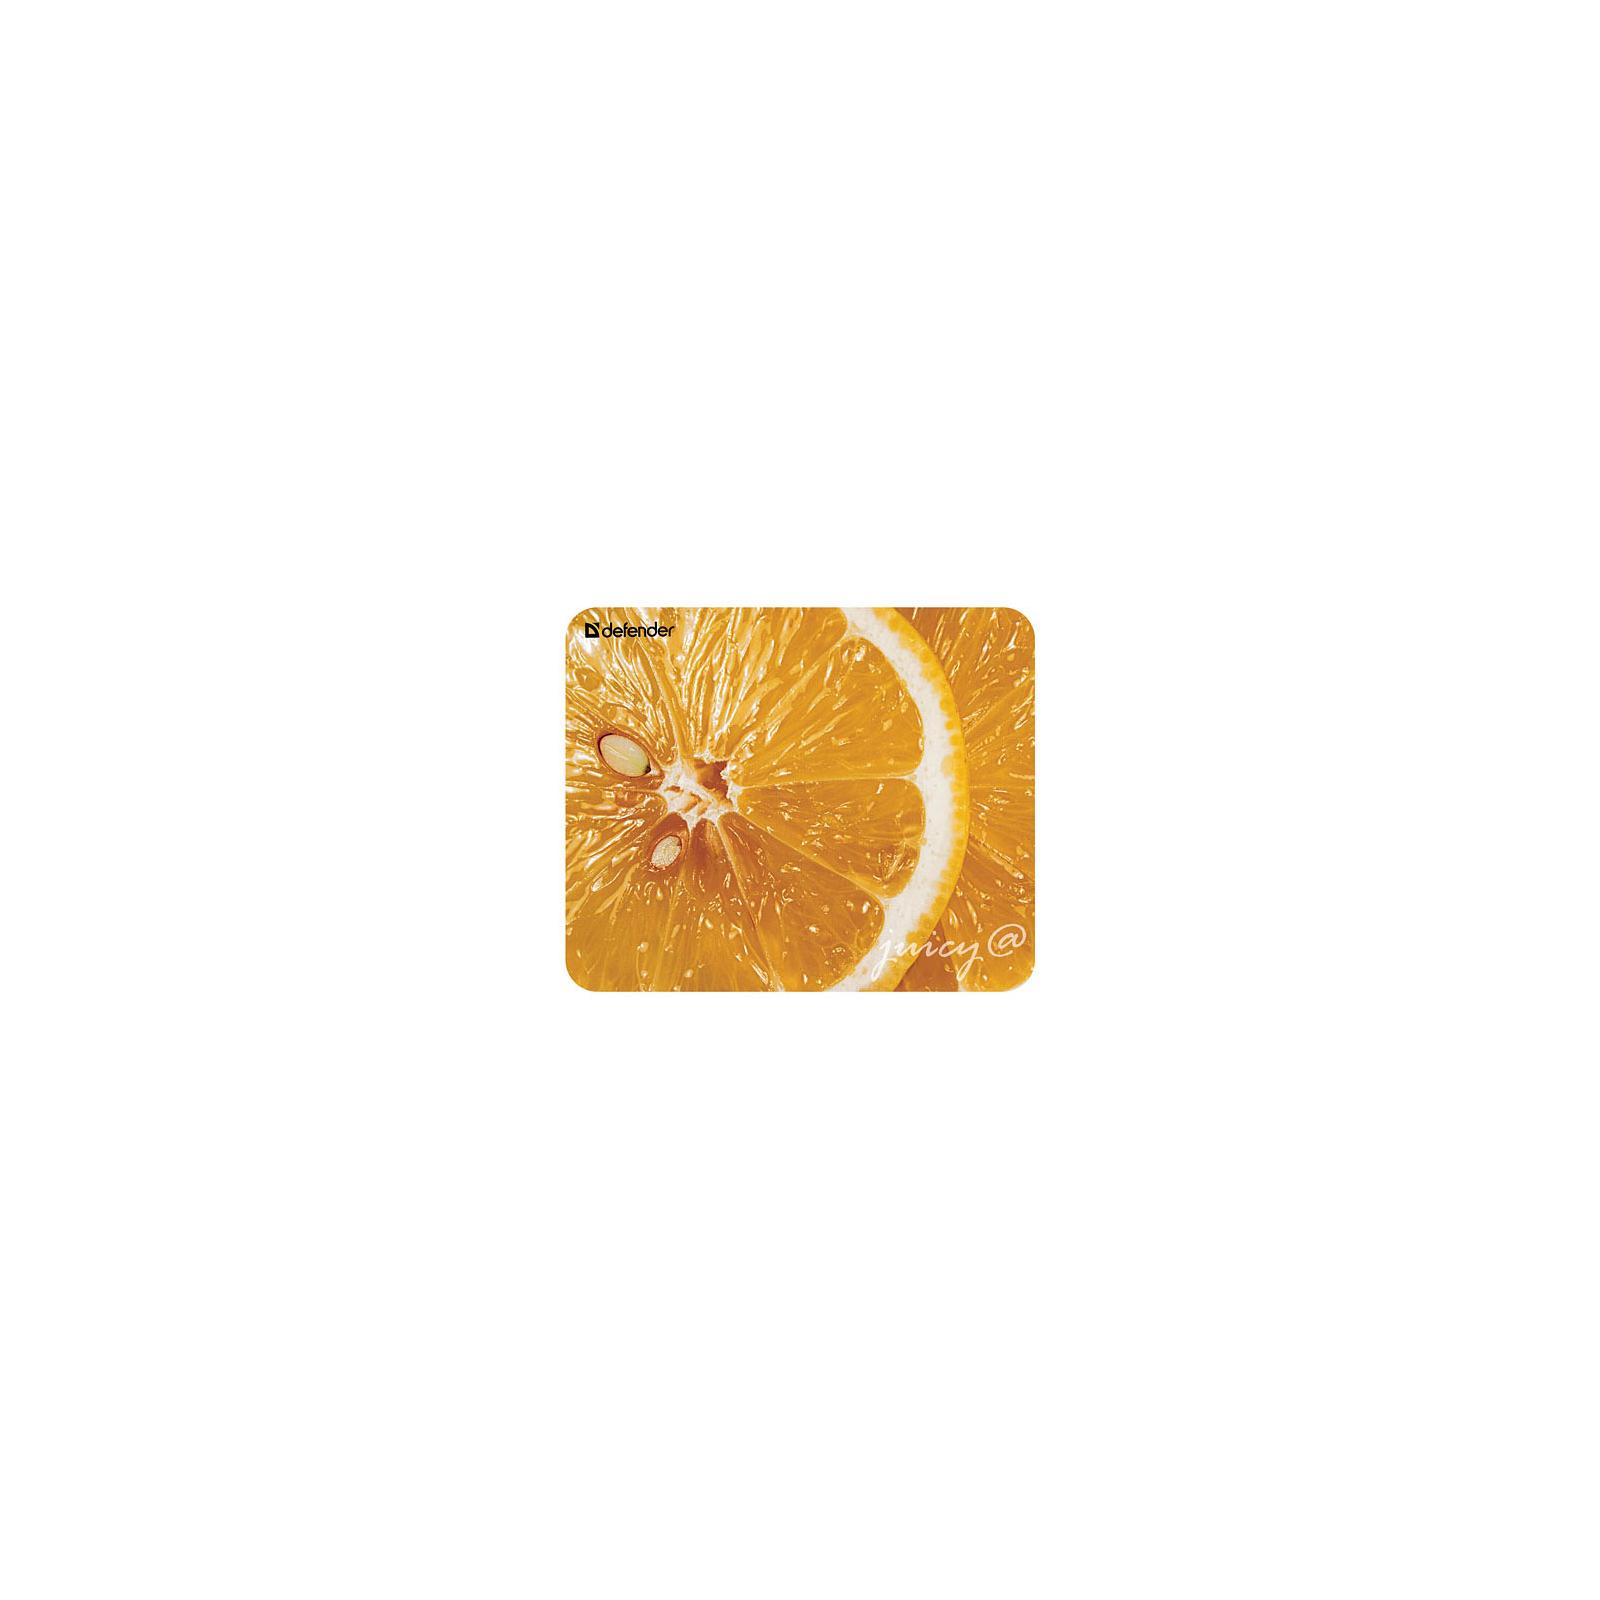 Коврик Defender Sticker Juicy pad (50412) изображение 2